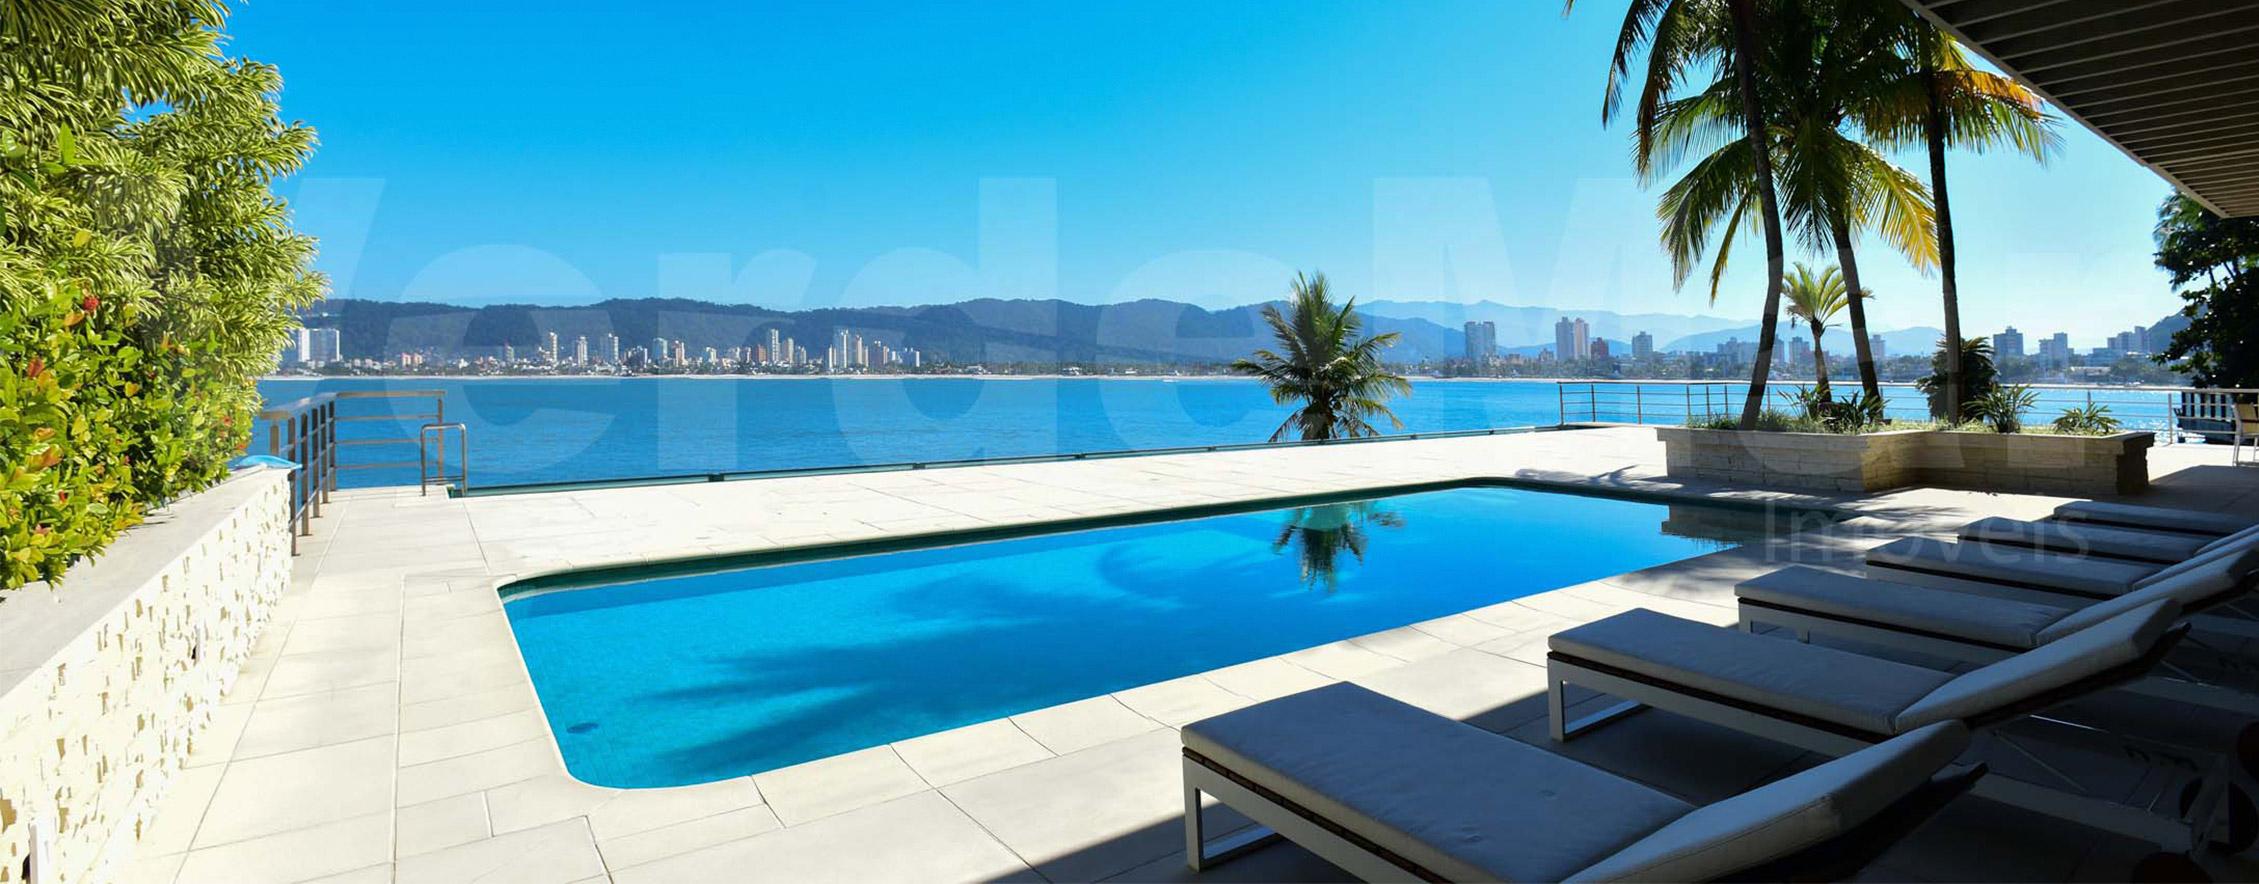 Casa frente a praia em Guaruja. Quer saber mais sobre a possibilidade de investir em uma propriedade no litoral ?